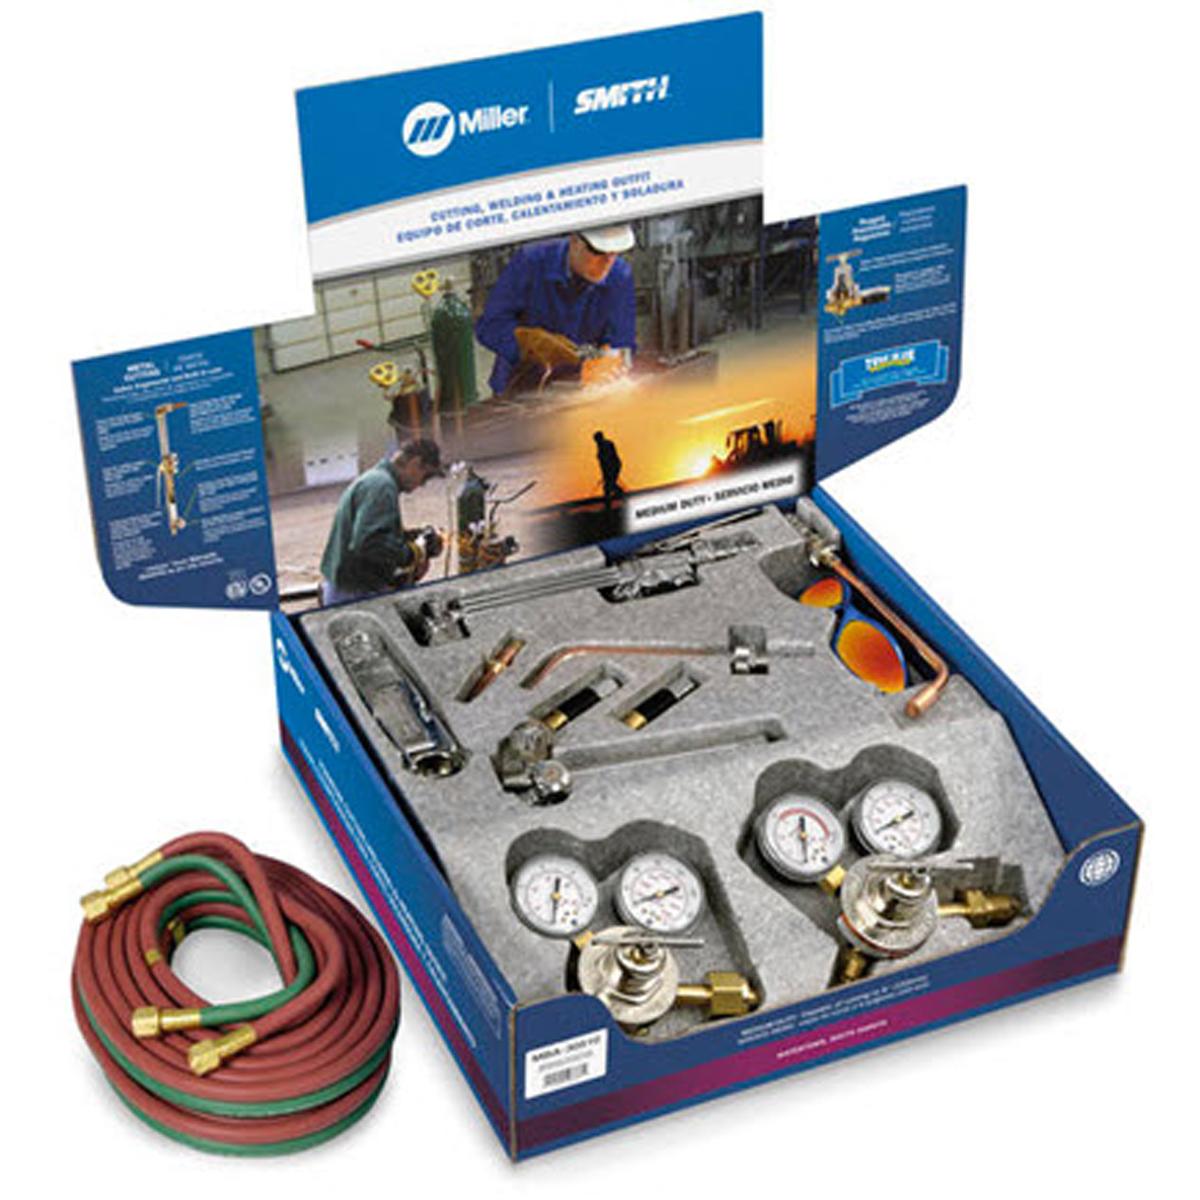 Smith Miller 239-193 Air//Acetylene Kit for Brazing Soldering